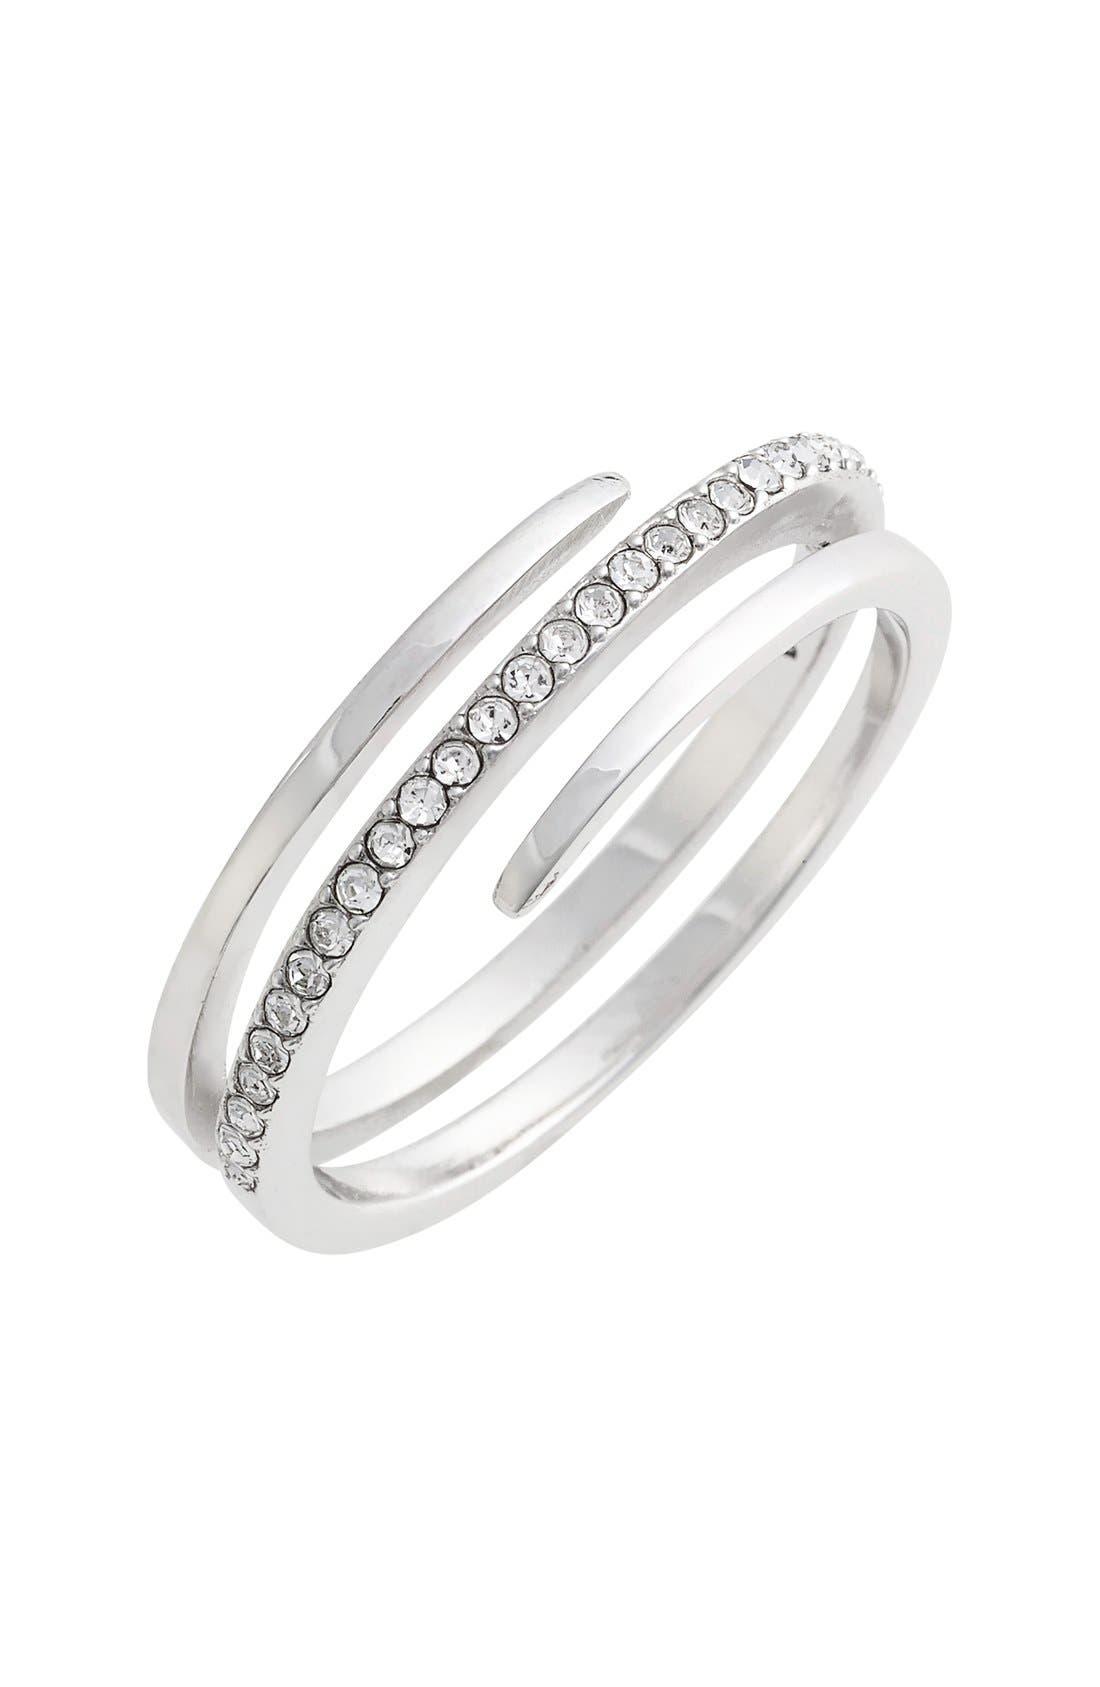 Crystal Wrap Ring,                             Main thumbnail 1, color,                             SILVER